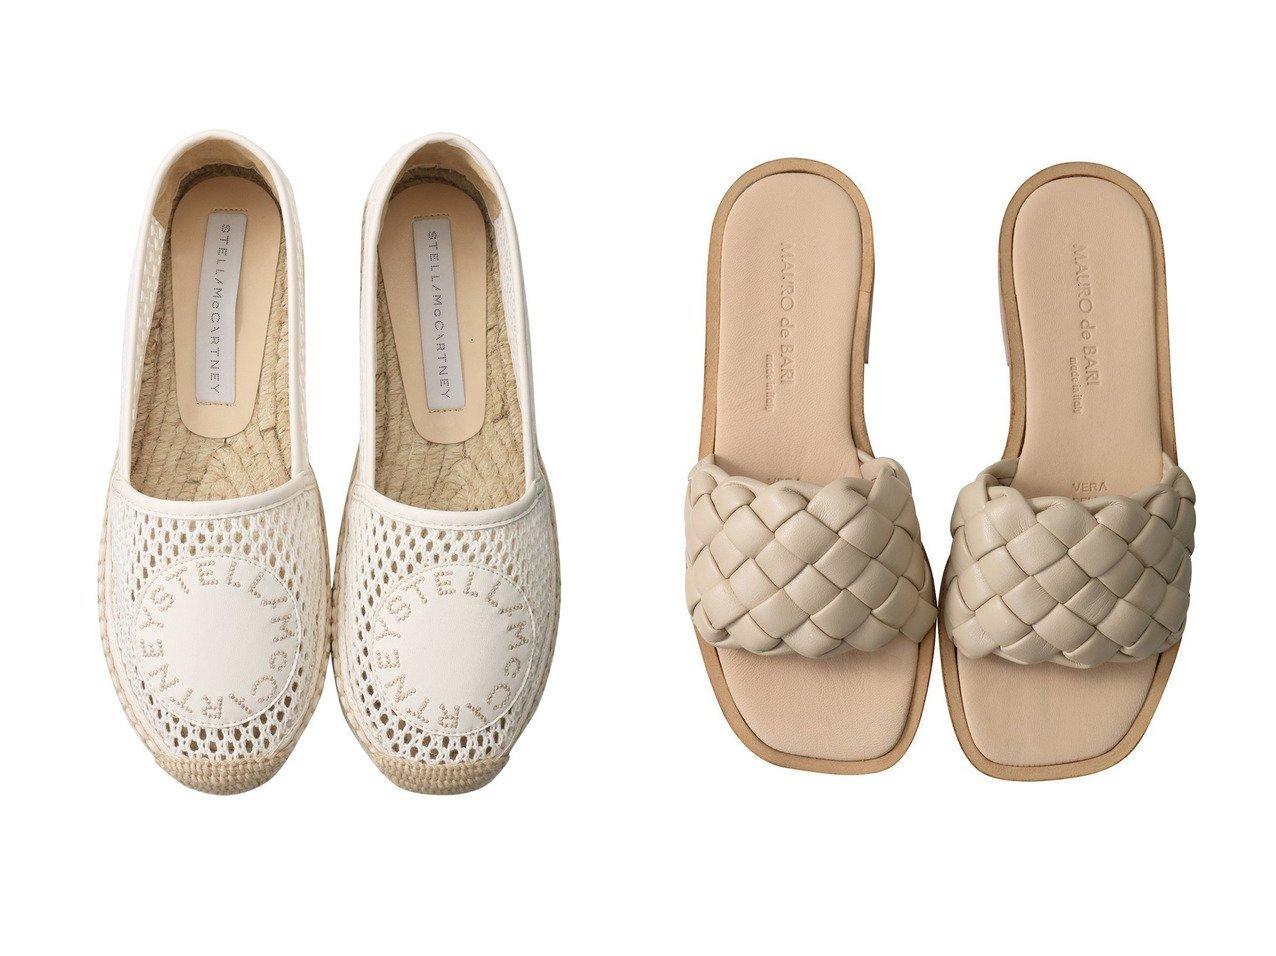 【MAURO de BARI/マウロ デ バーリ】のイントレチャートスライドサンダル&【STELLA McCARTNEY/ステラ マッカートニー】のSelene Woven Mesh エスパドリーユ 【シューズ・靴】おすすめ!人気、トレンド・レディースファッションの通販 おすすめで人気の流行・トレンド、ファッションの通販商品 メンズファッション・キッズファッション・インテリア・家具・レディースファッション・服の通販 founy(ファニー) https://founy.com/ ファッション Fashion レディースファッション WOMEN サンダル シンプル デニム フォルム フラット S/S・春夏 SS・Spring/Summer おすすめ Recommend シューズ フロント メッシュ 春 Spring |ID:crp329100000035469